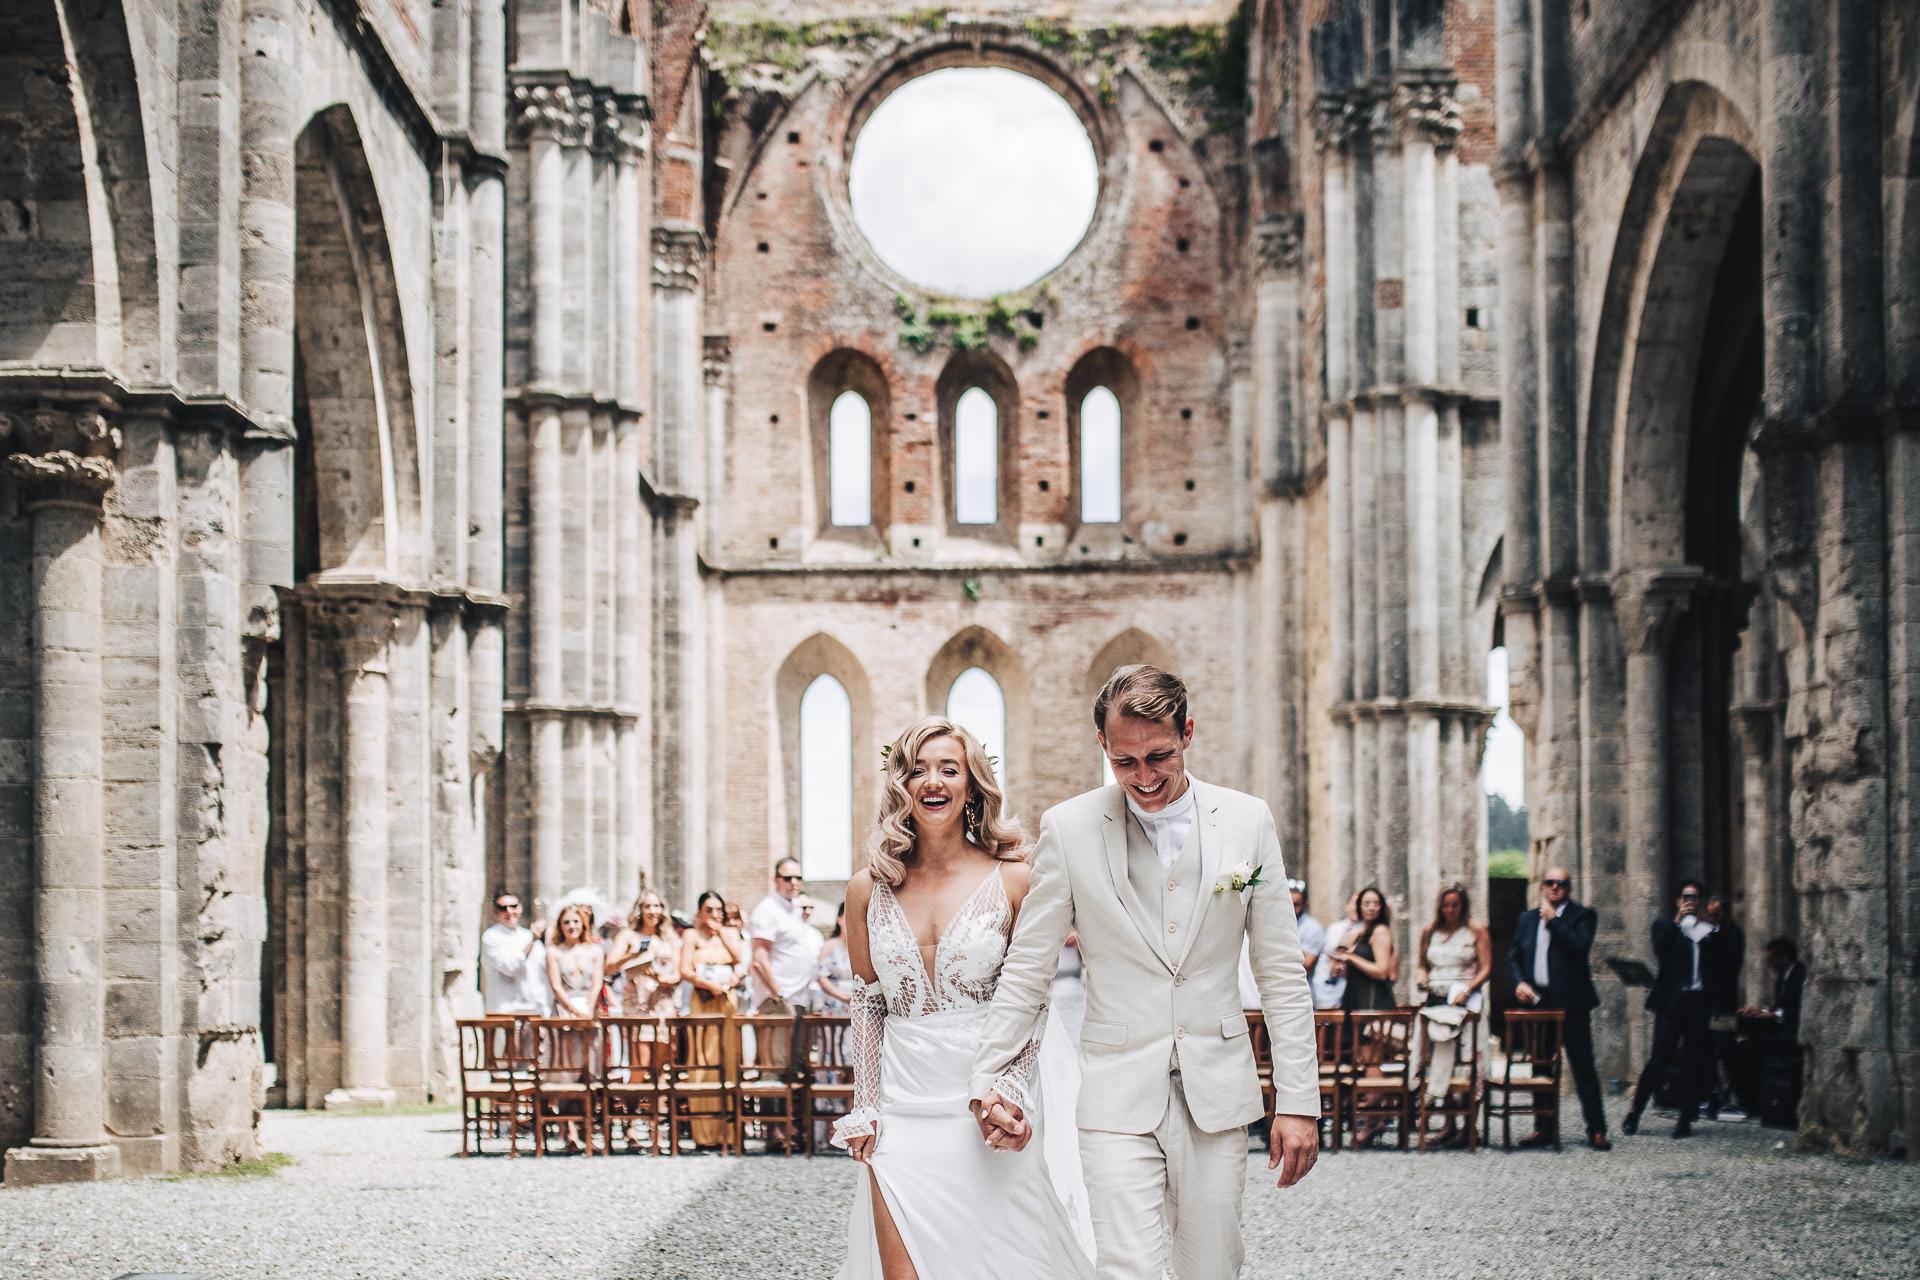 Matrimonio Simbolico All Aperto : Matrimonio boho in italia all aperto